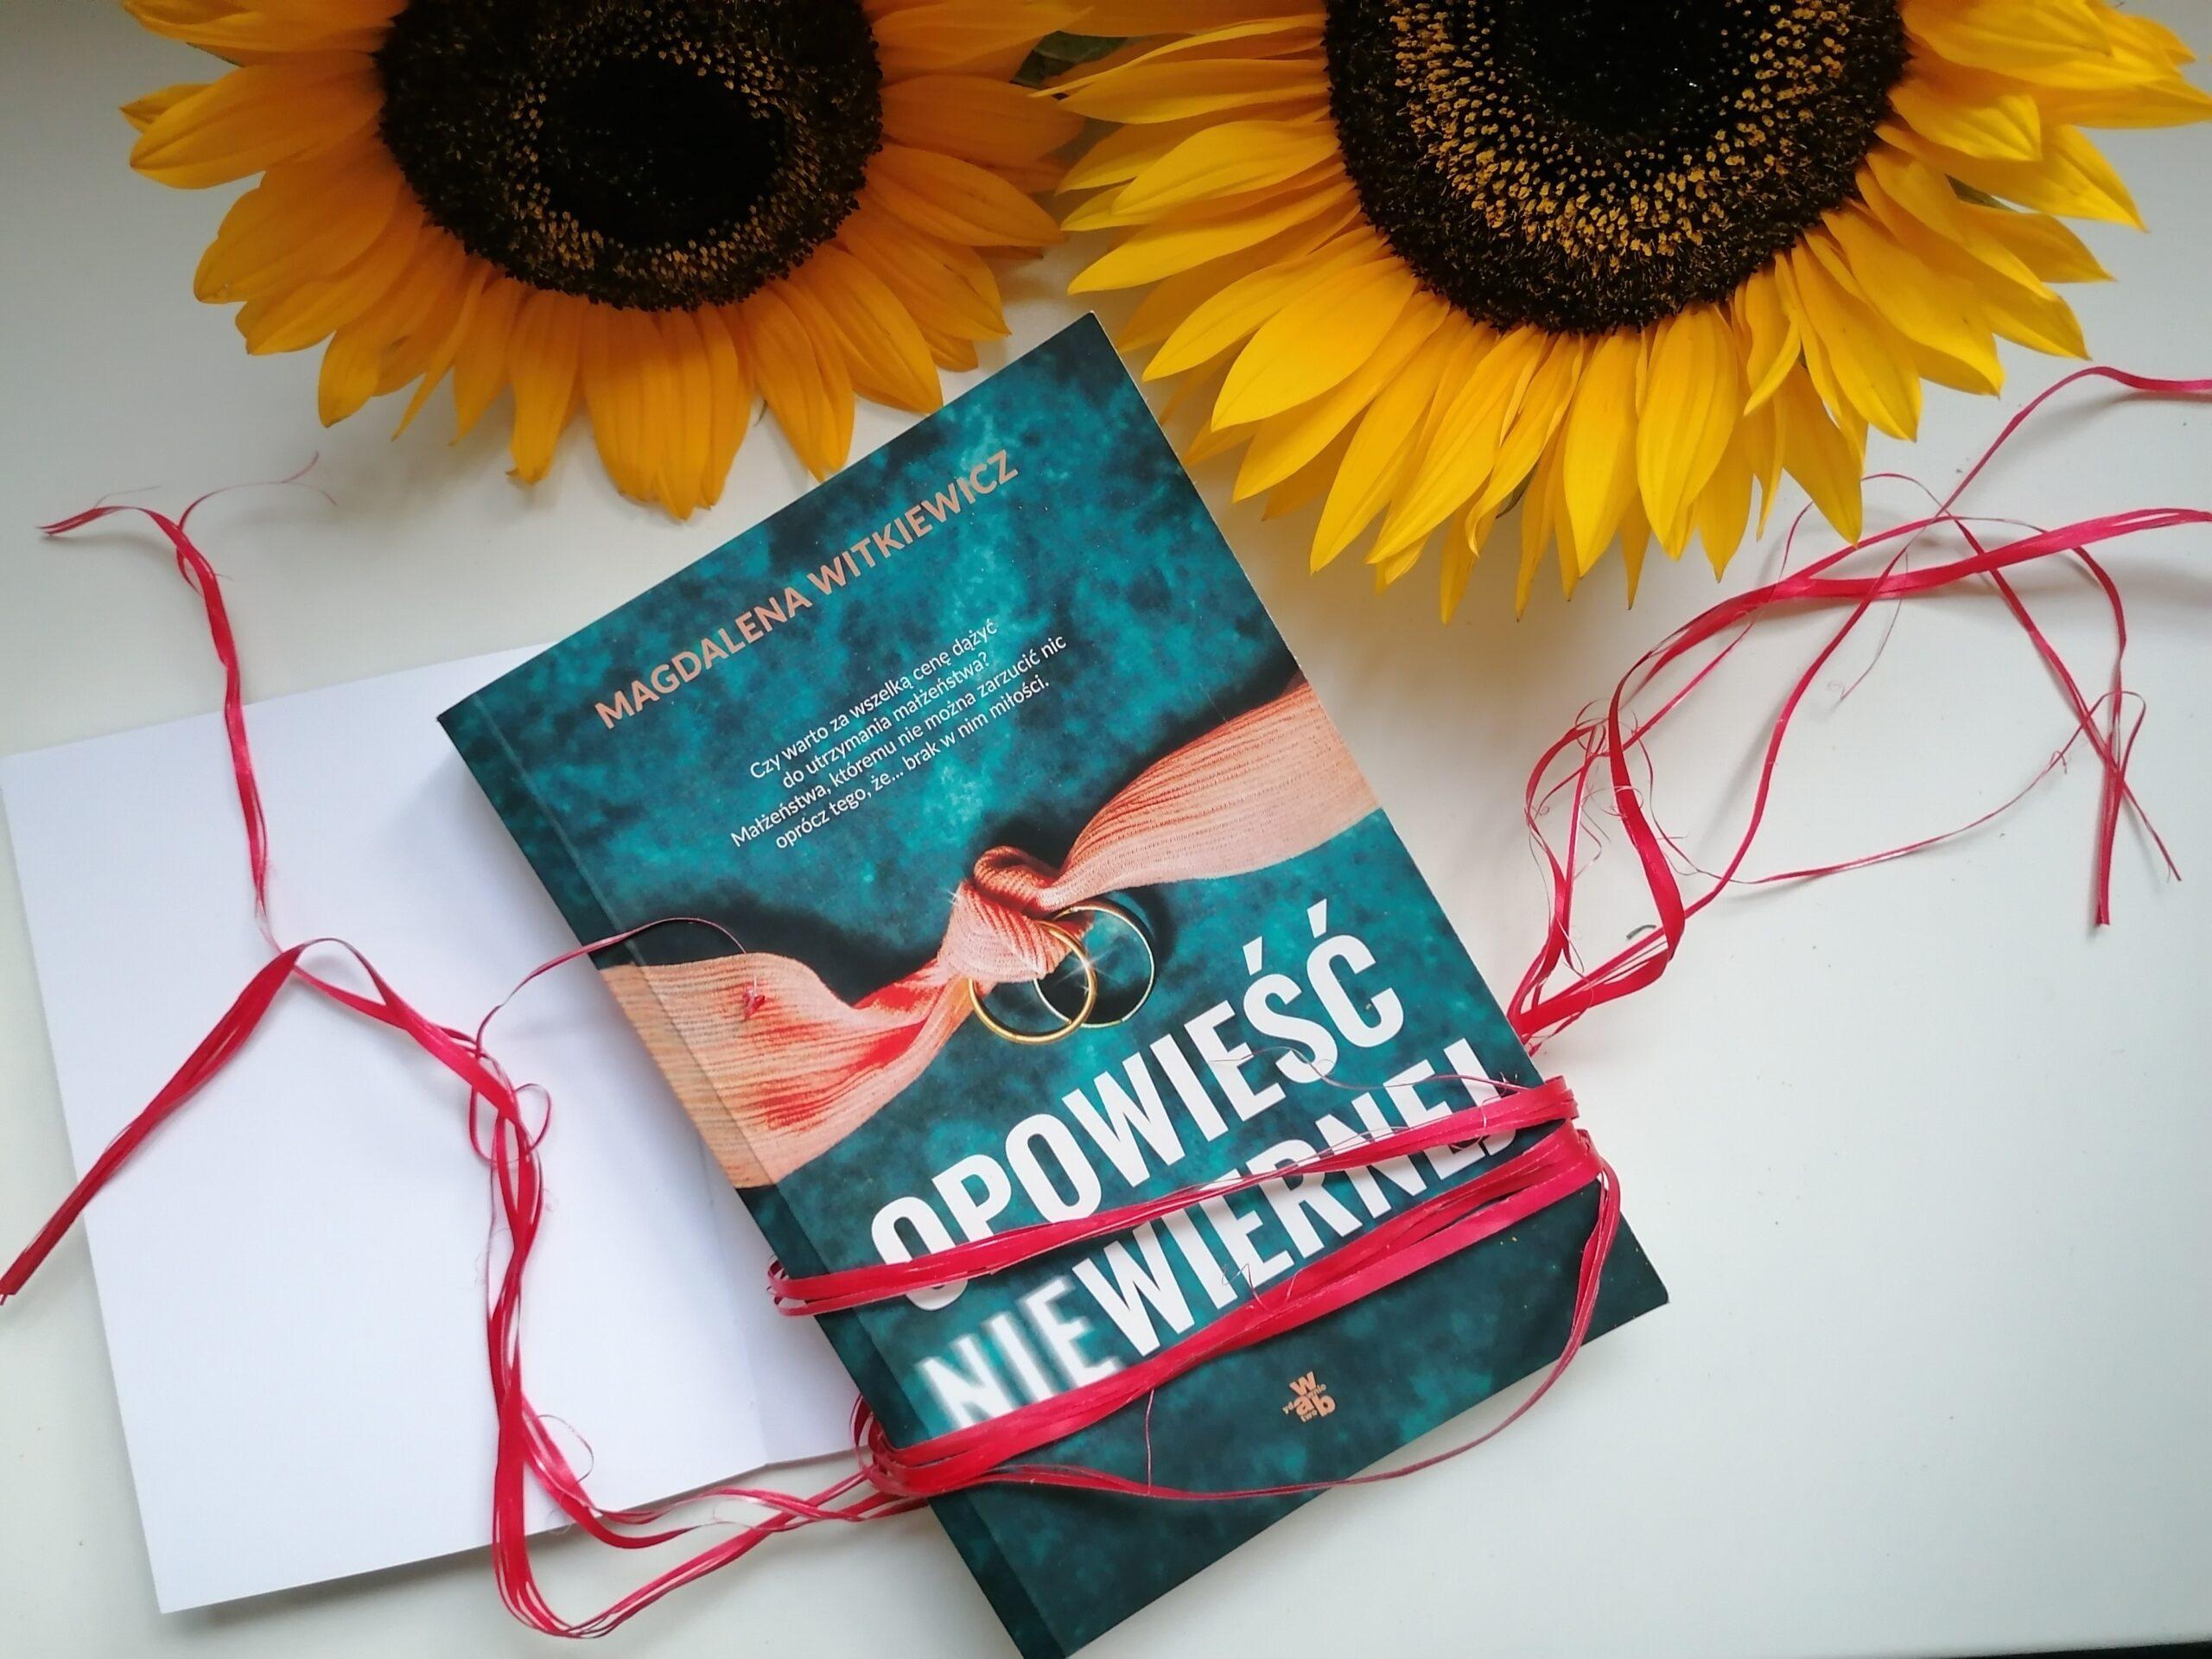 Recenzja: Opowieść niewiernej - Magdalena Witkiewicz